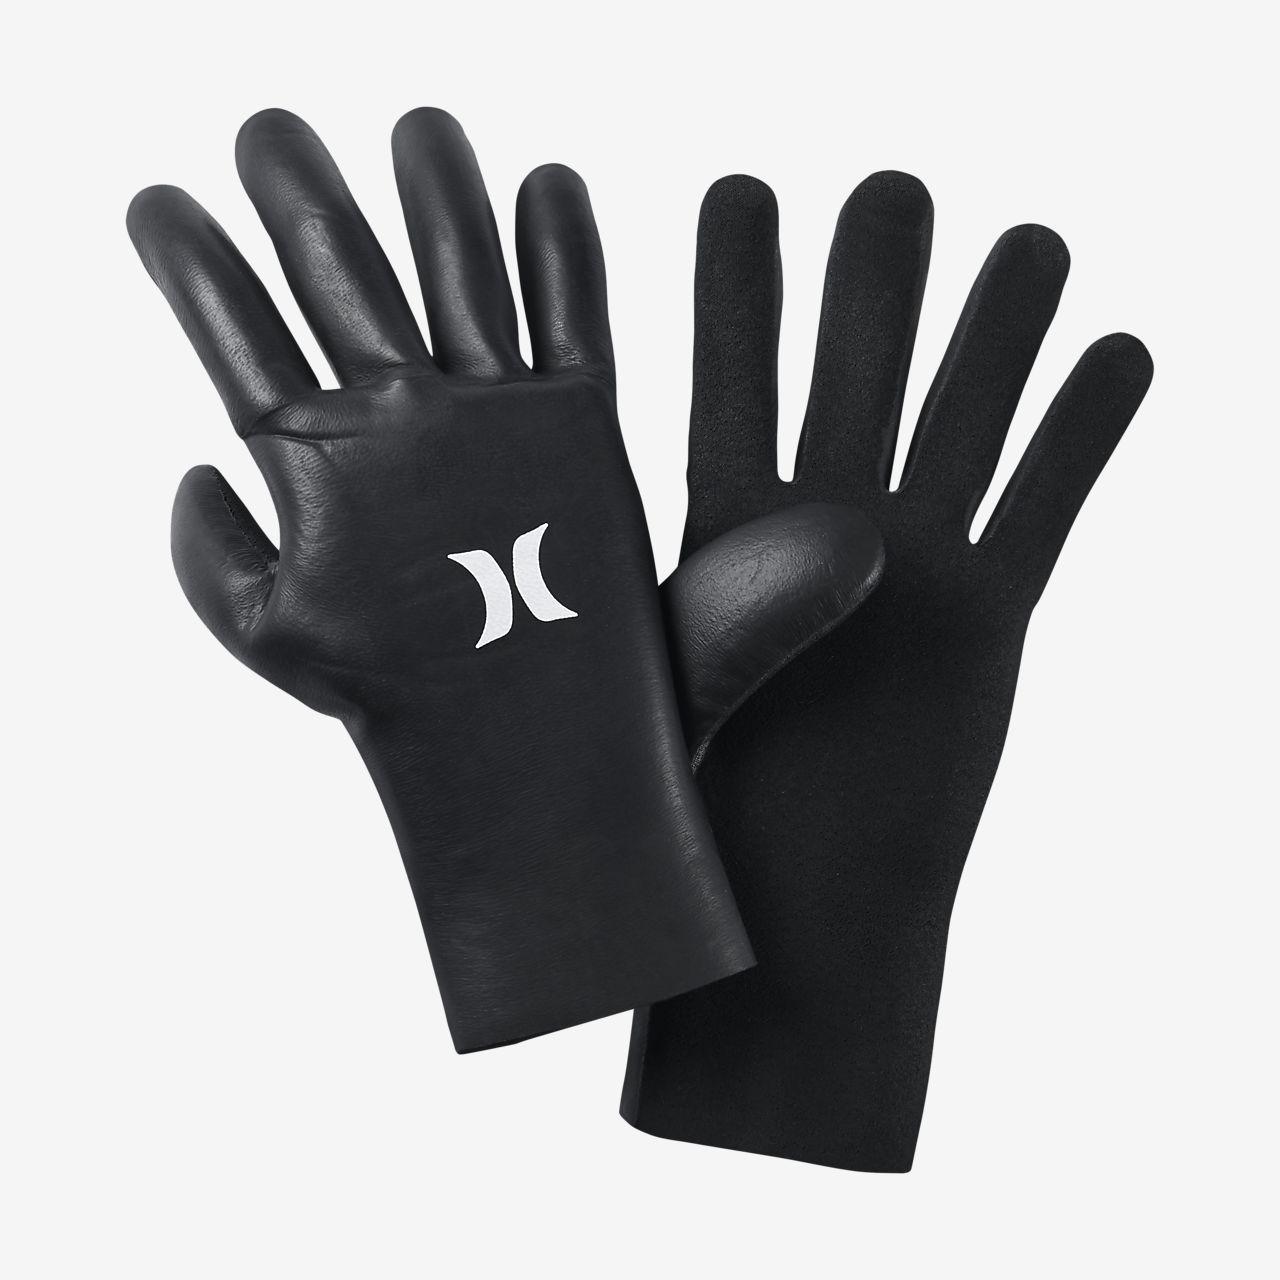 Guantes de traje de neopreno Hurley Advantage Plus 2/2 mm